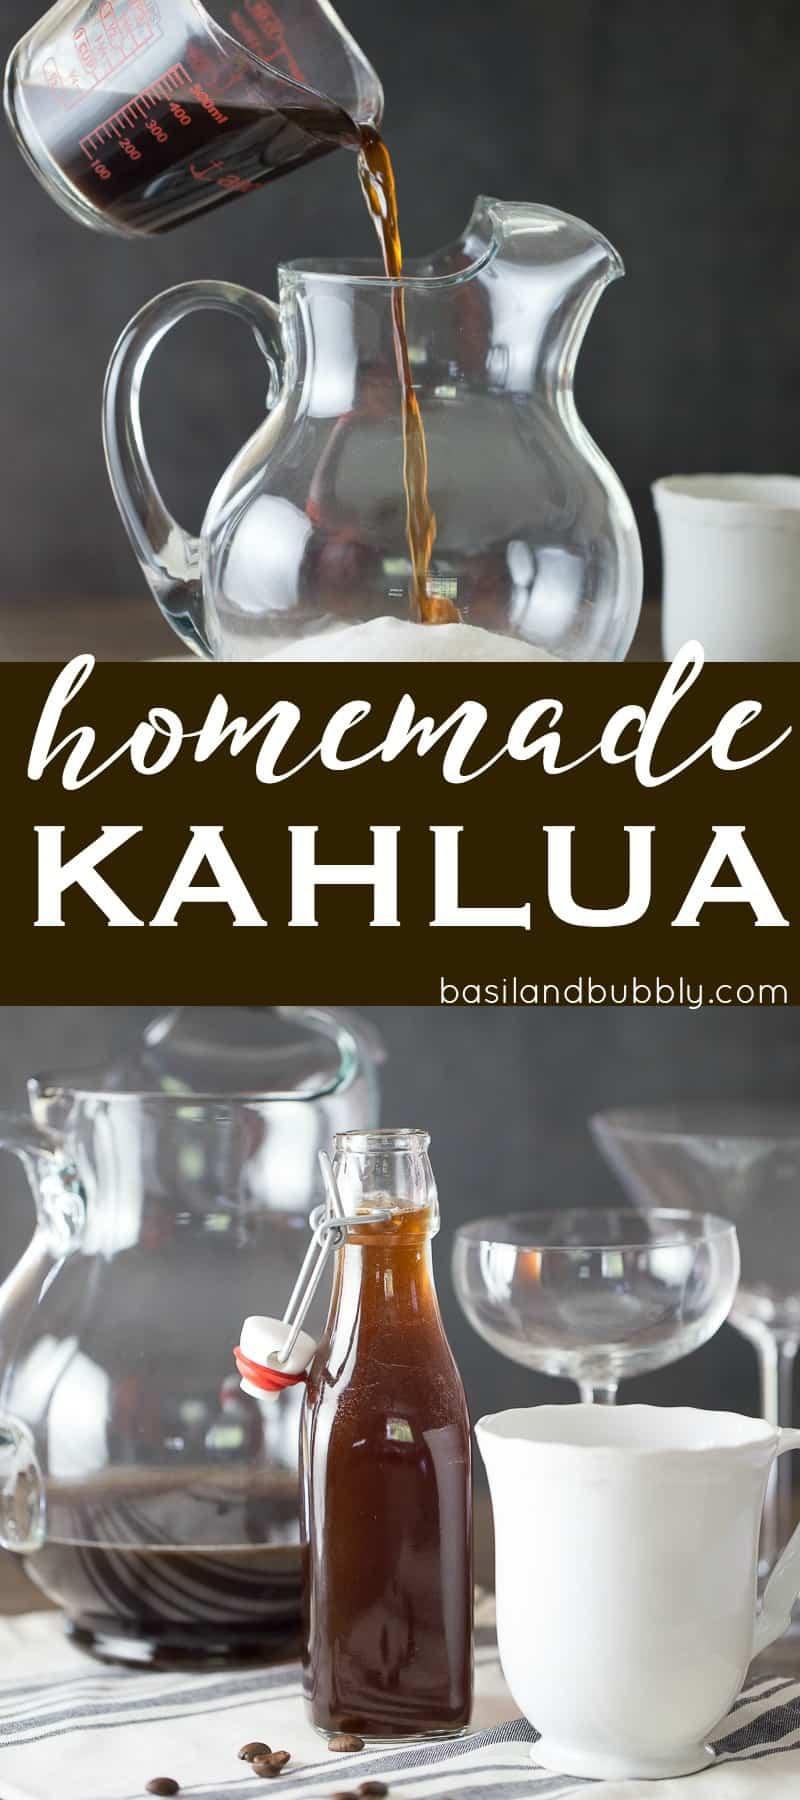 Quick Homemade Kahlua Recipe with Rum